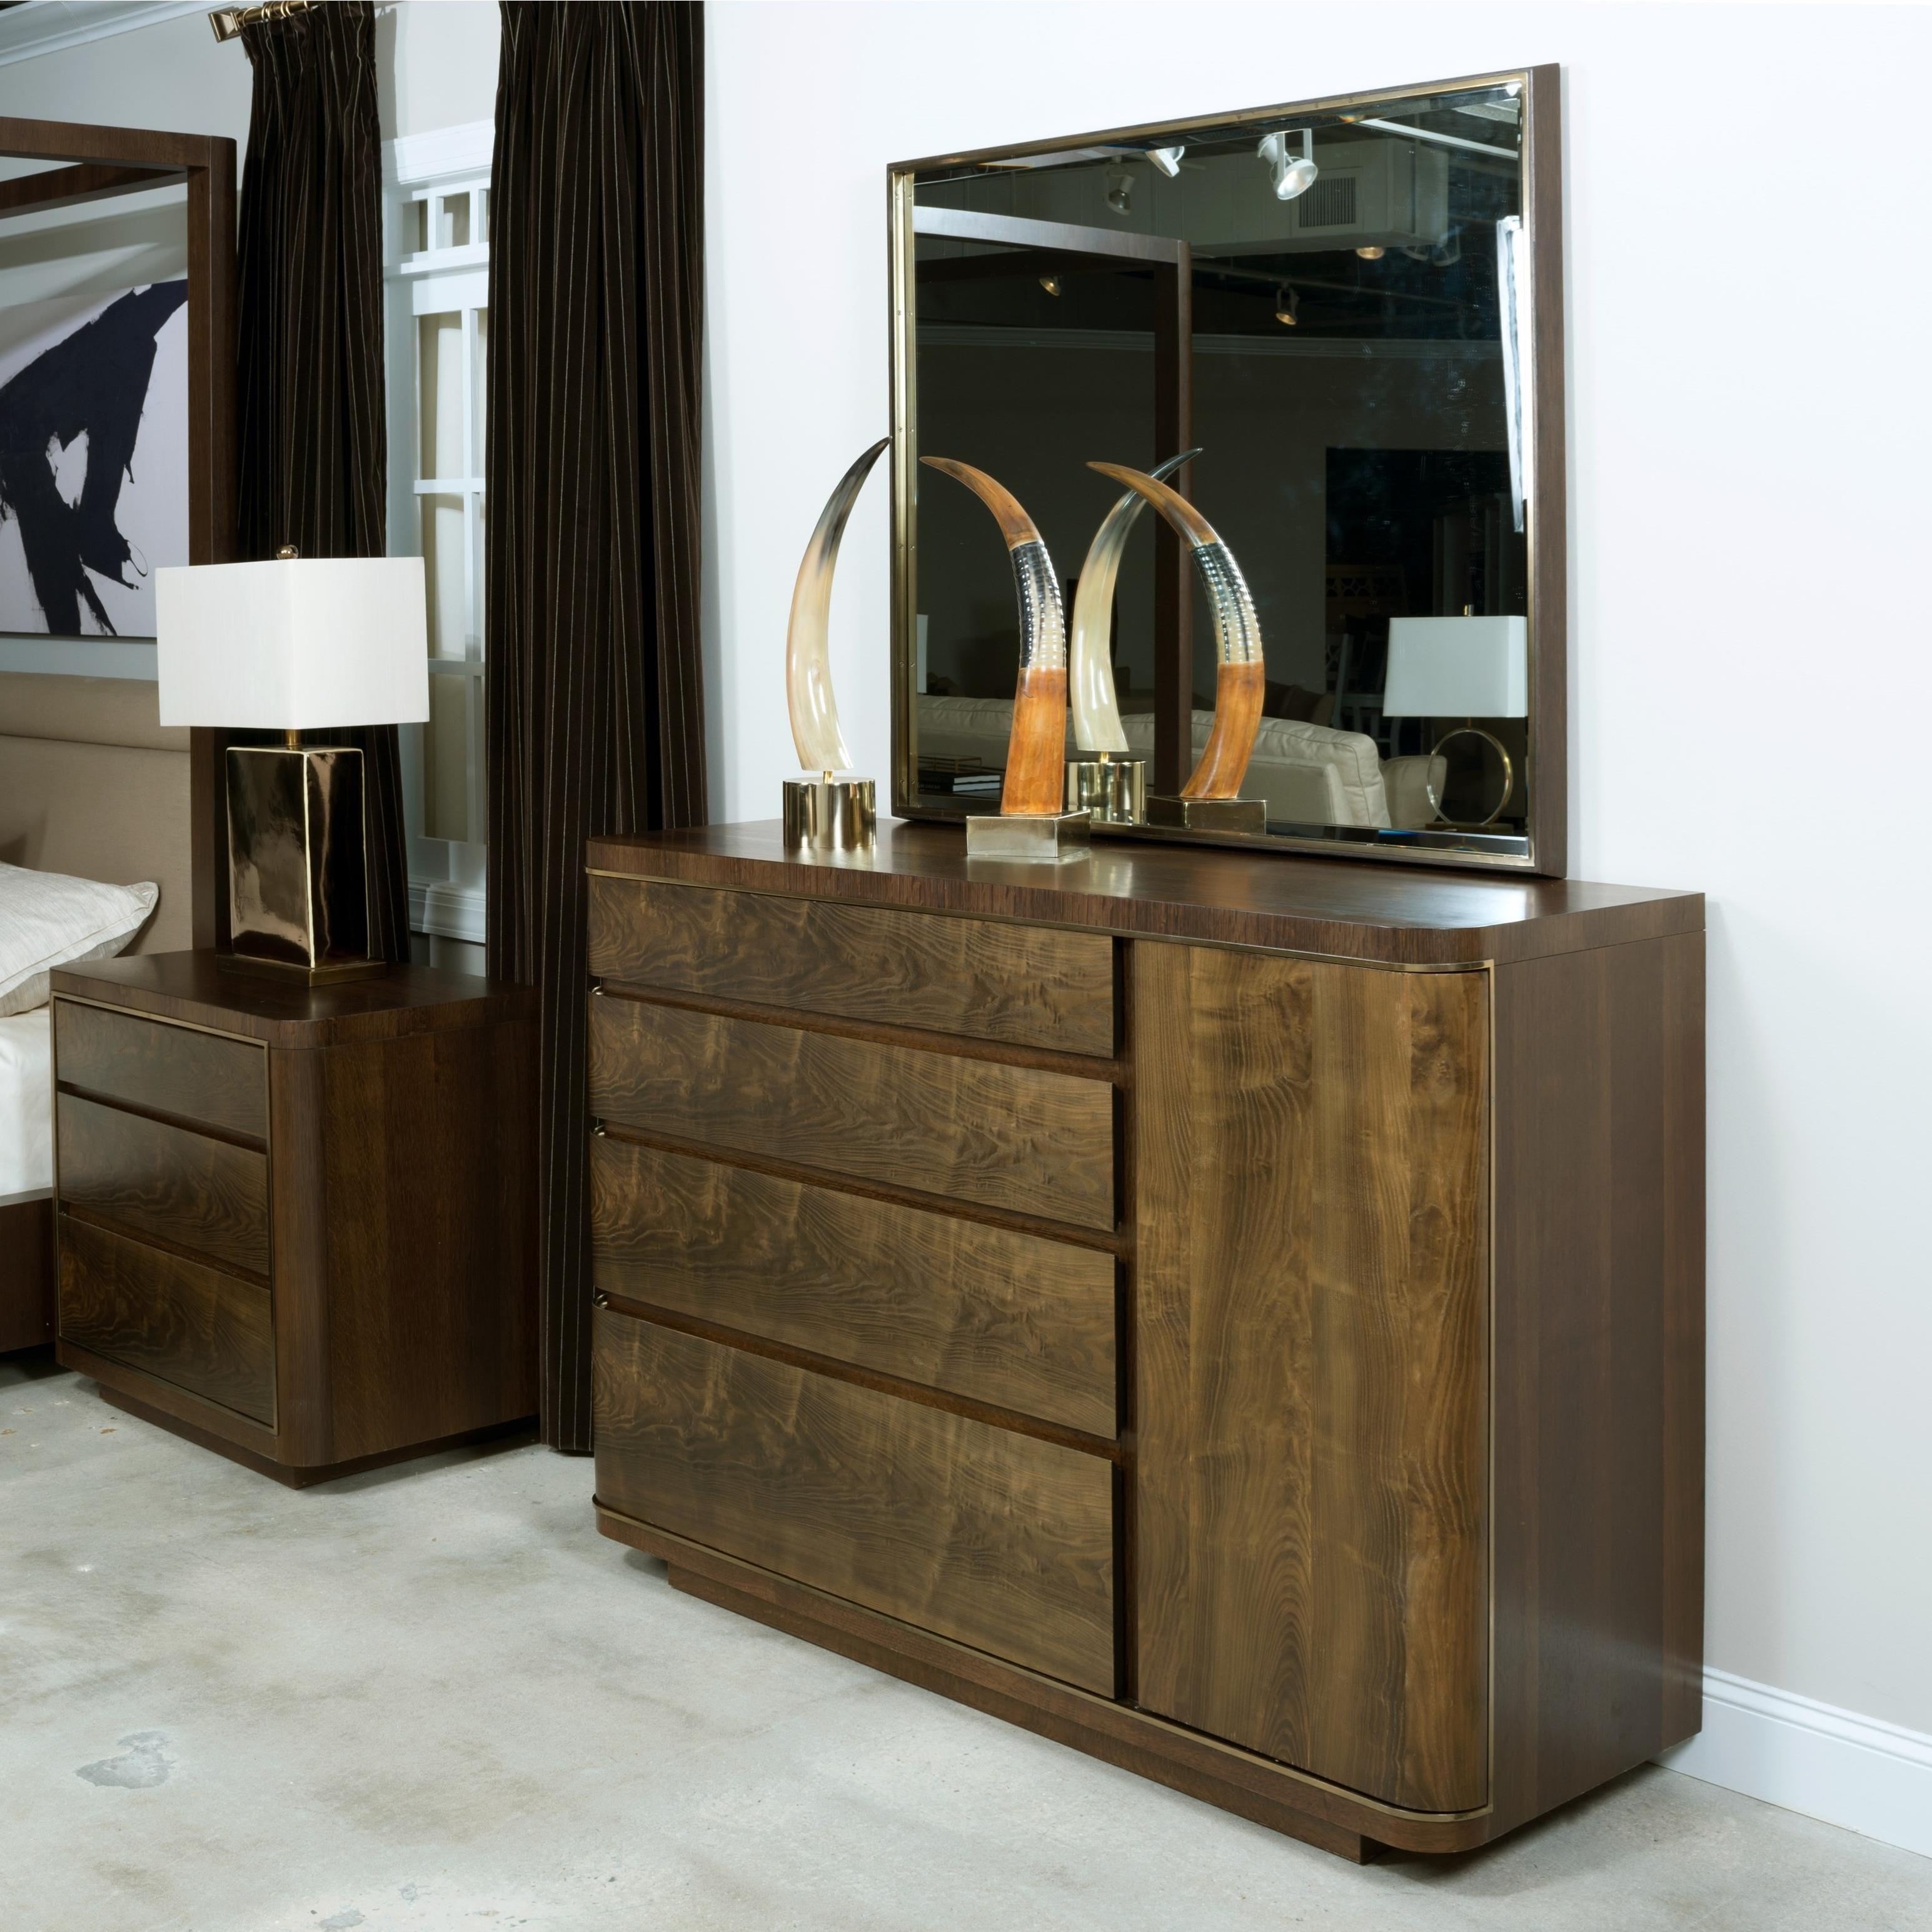 Spencer Dresser and Holt Mirror